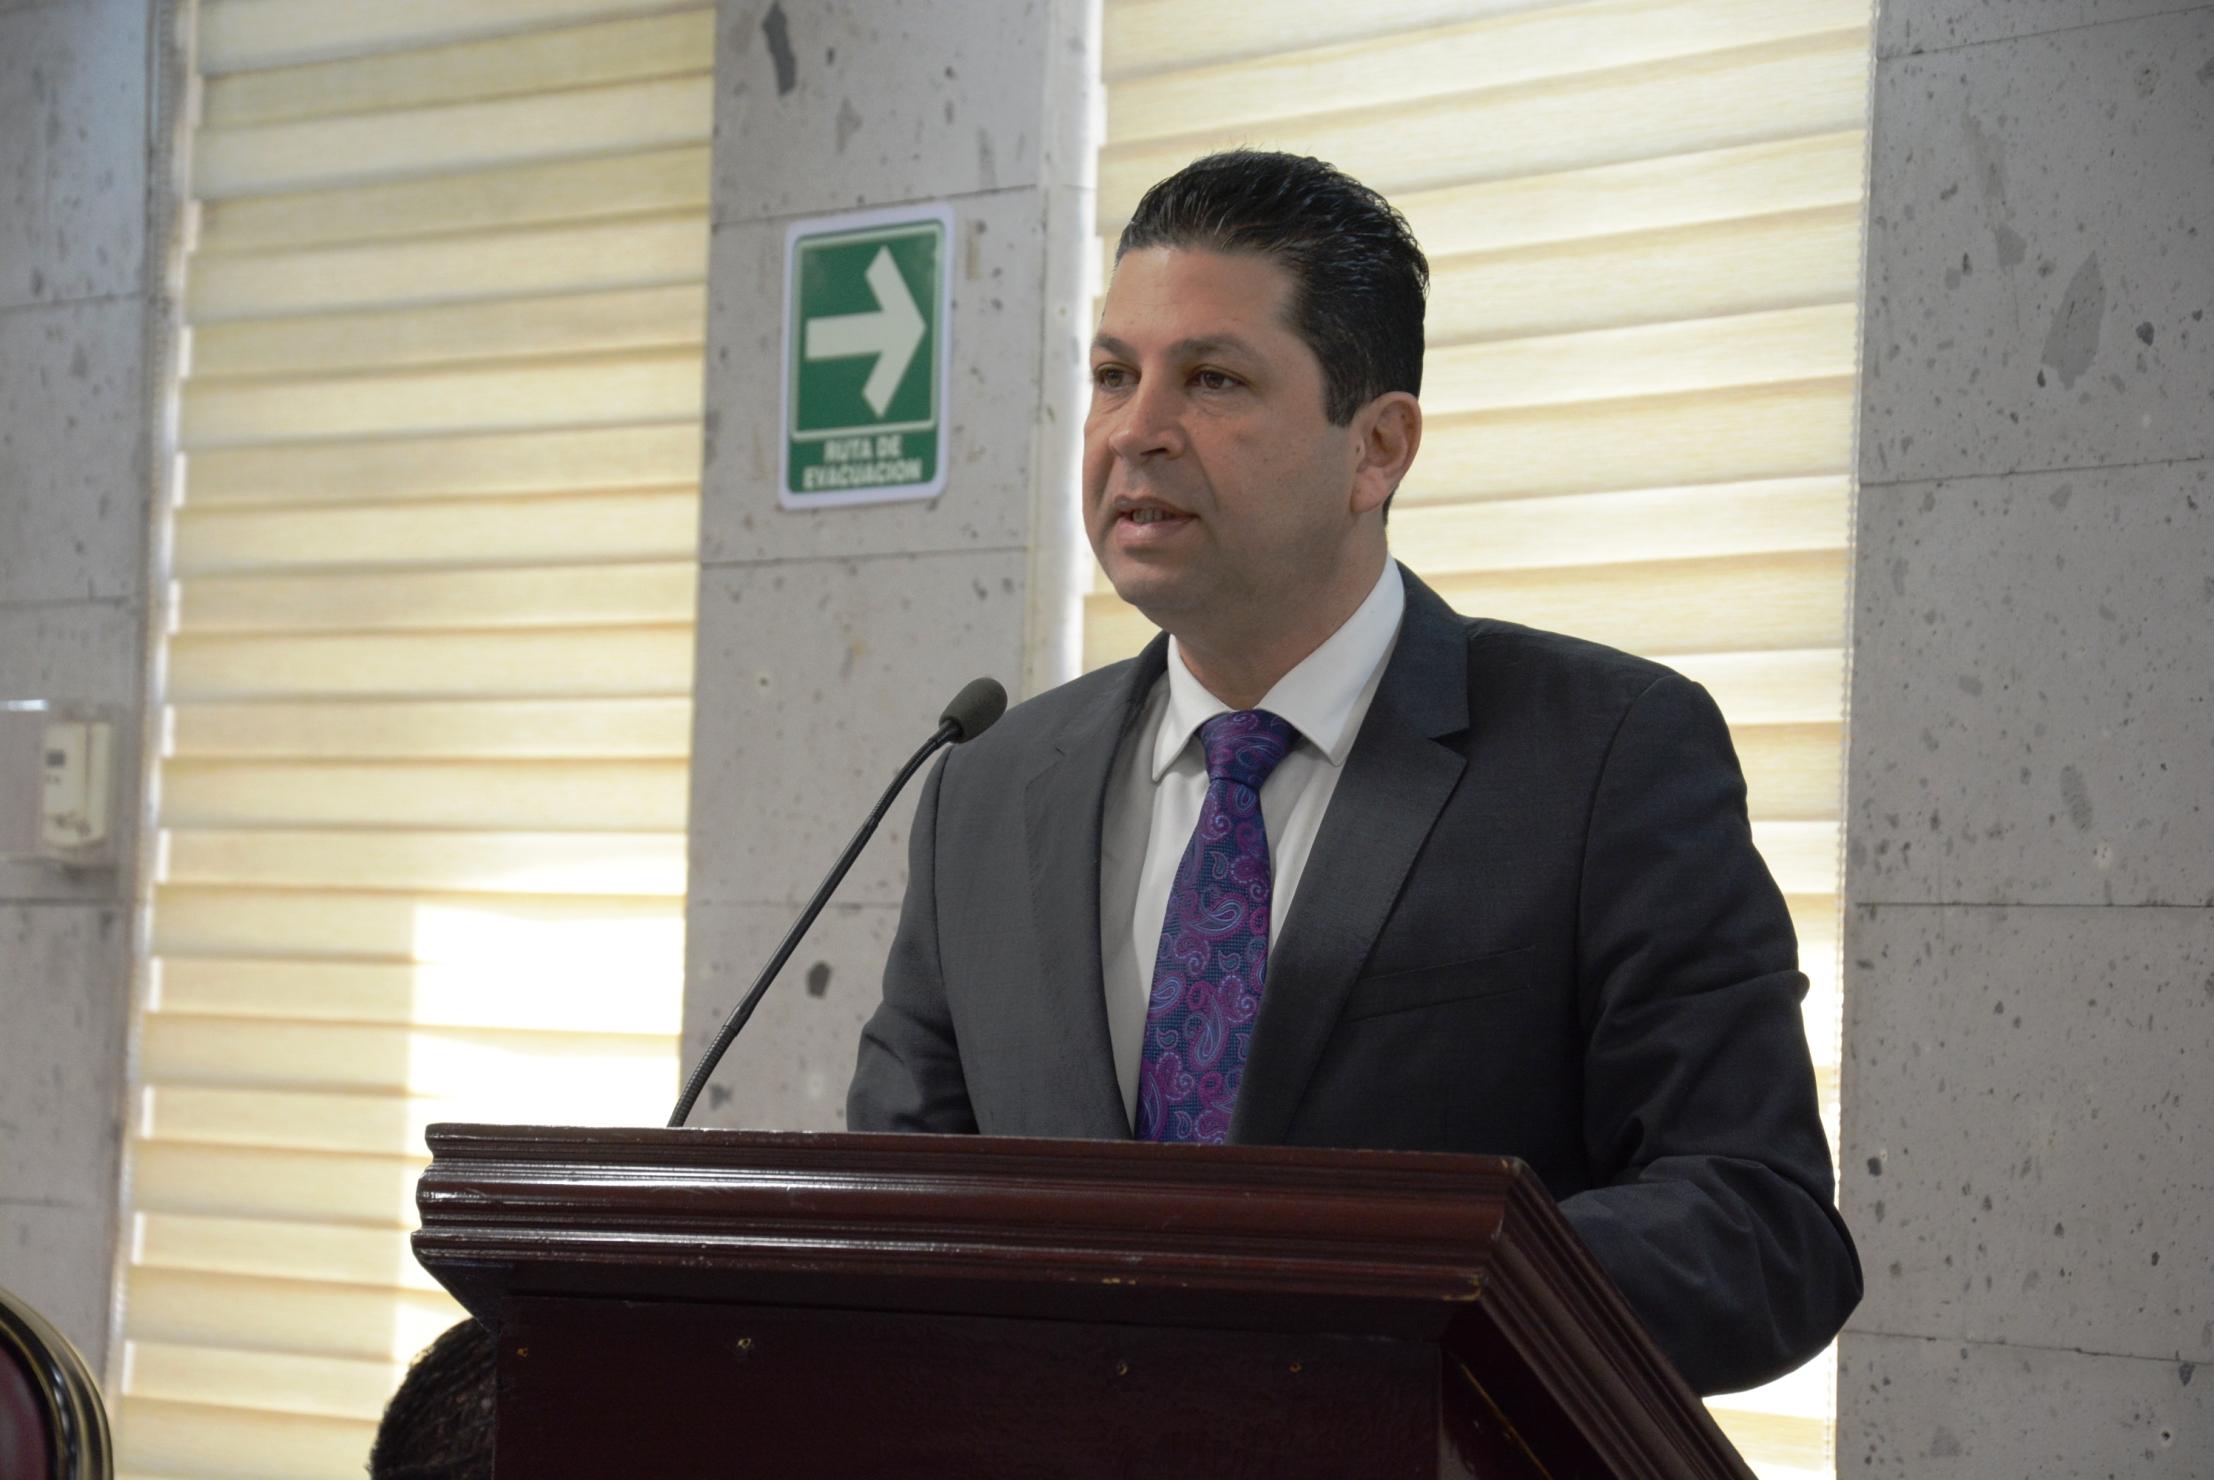 Busca diputado evitar retiro de seguridad a municipios de forma discrecional